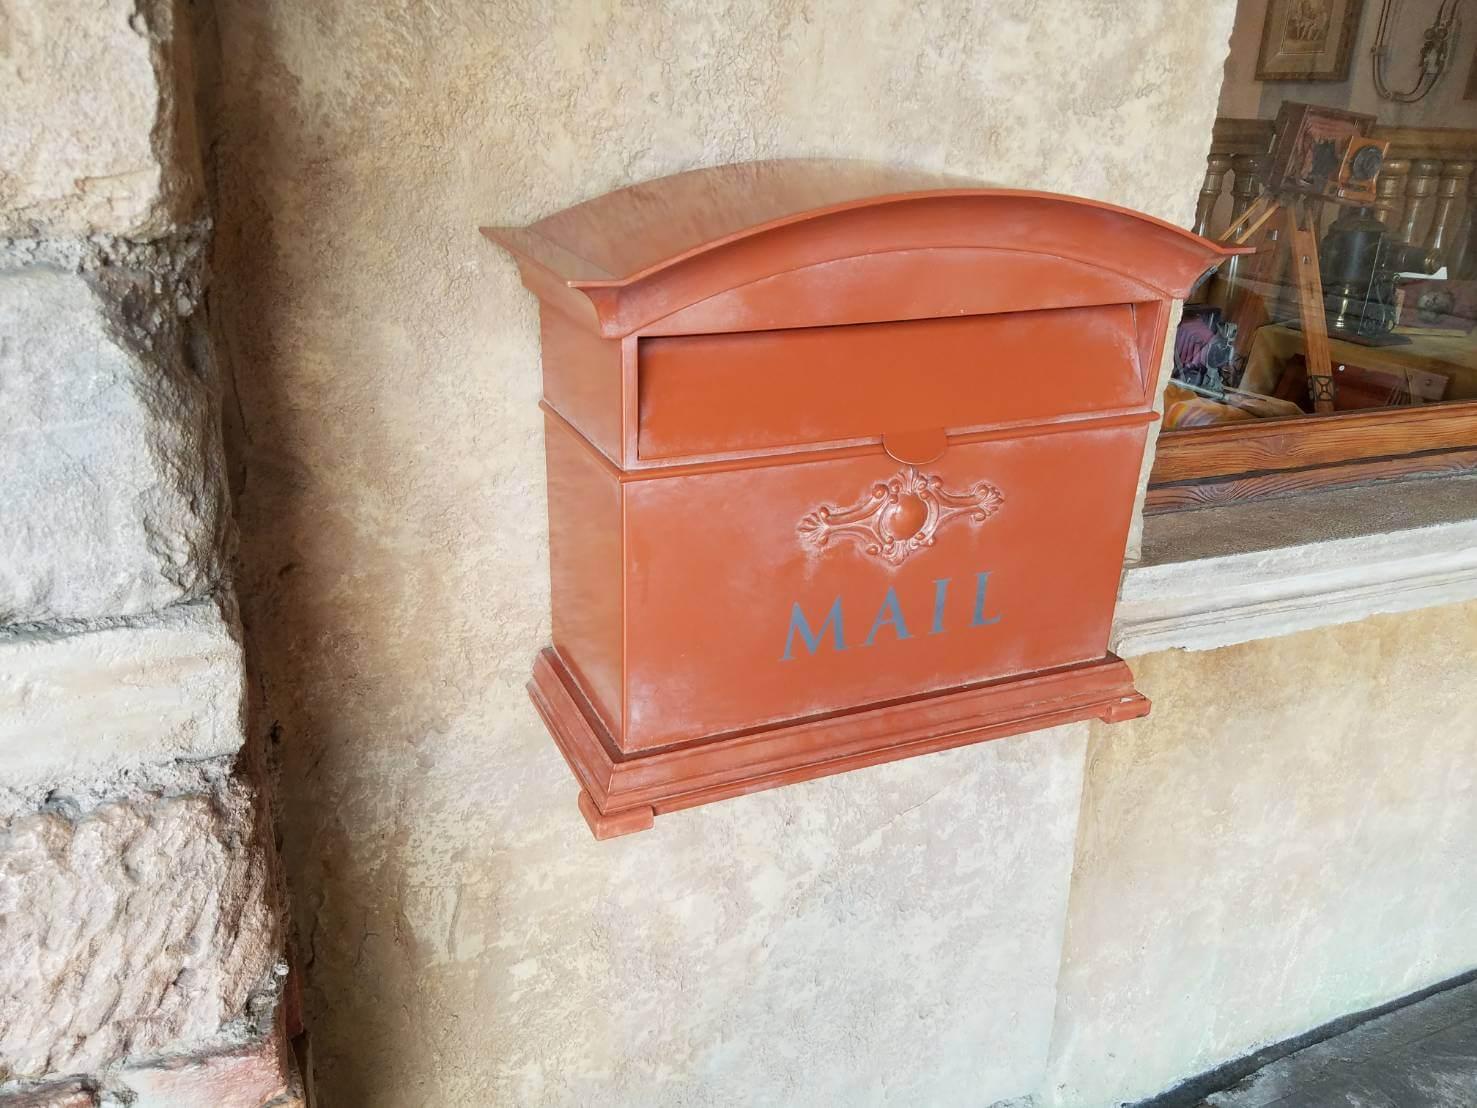 ディズニーから手紙を出してみよう!!ポストの場所・投函方法、特別な消印とは?